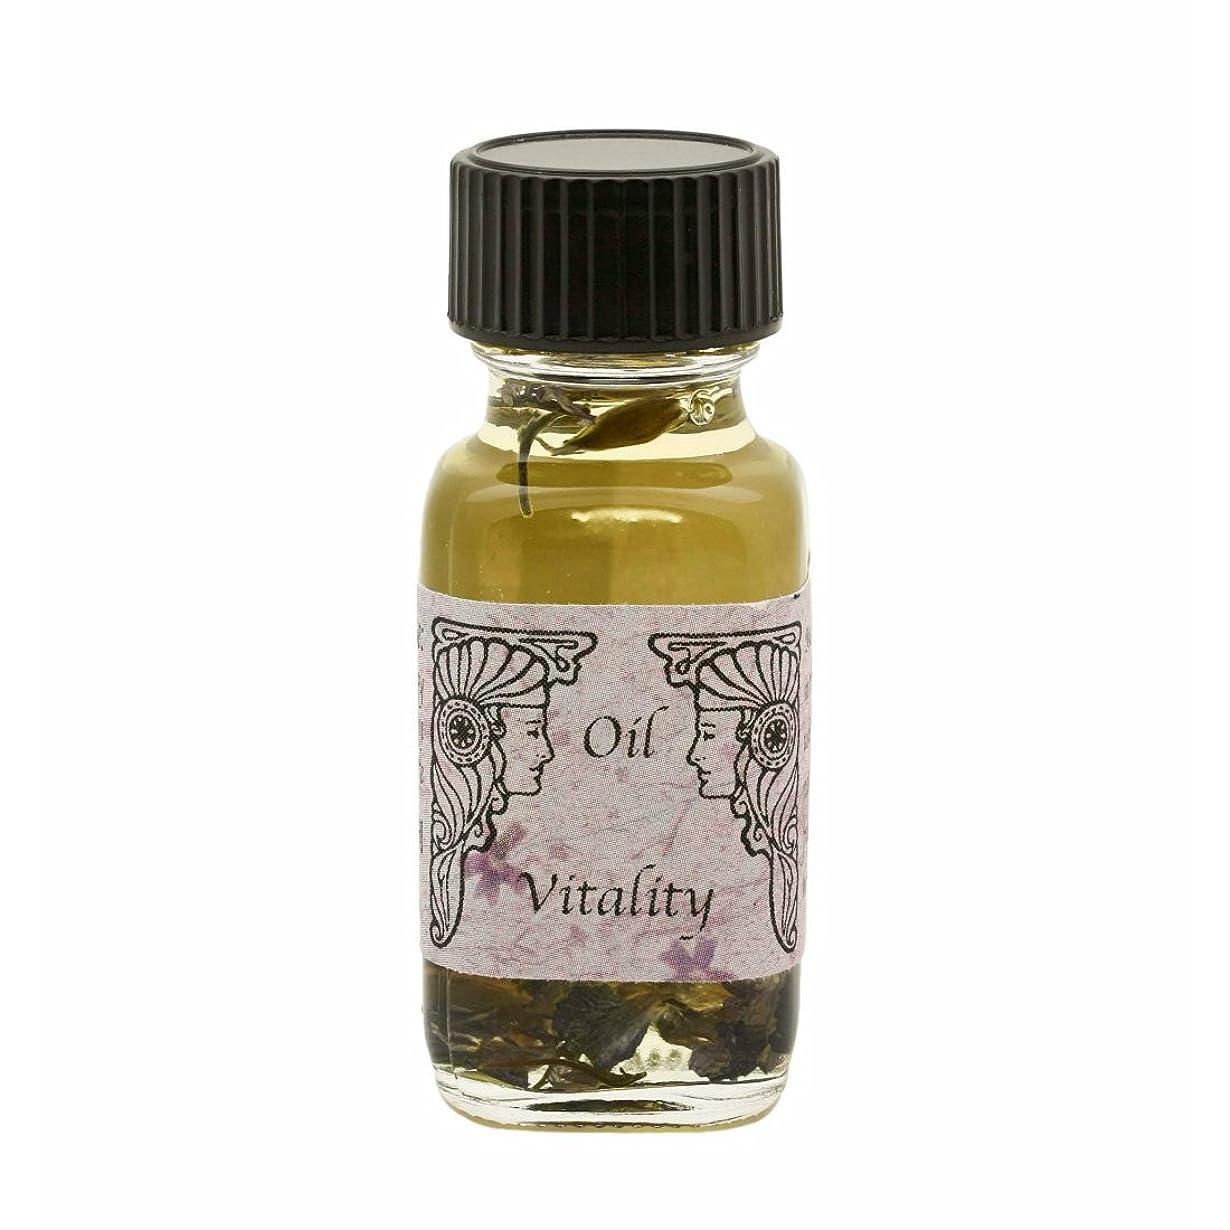 祝福趣味耐えられるアンシェントメモリーオイル バイタリティ Vitality 活気 2017年新作 (Ancient Memory Oils)